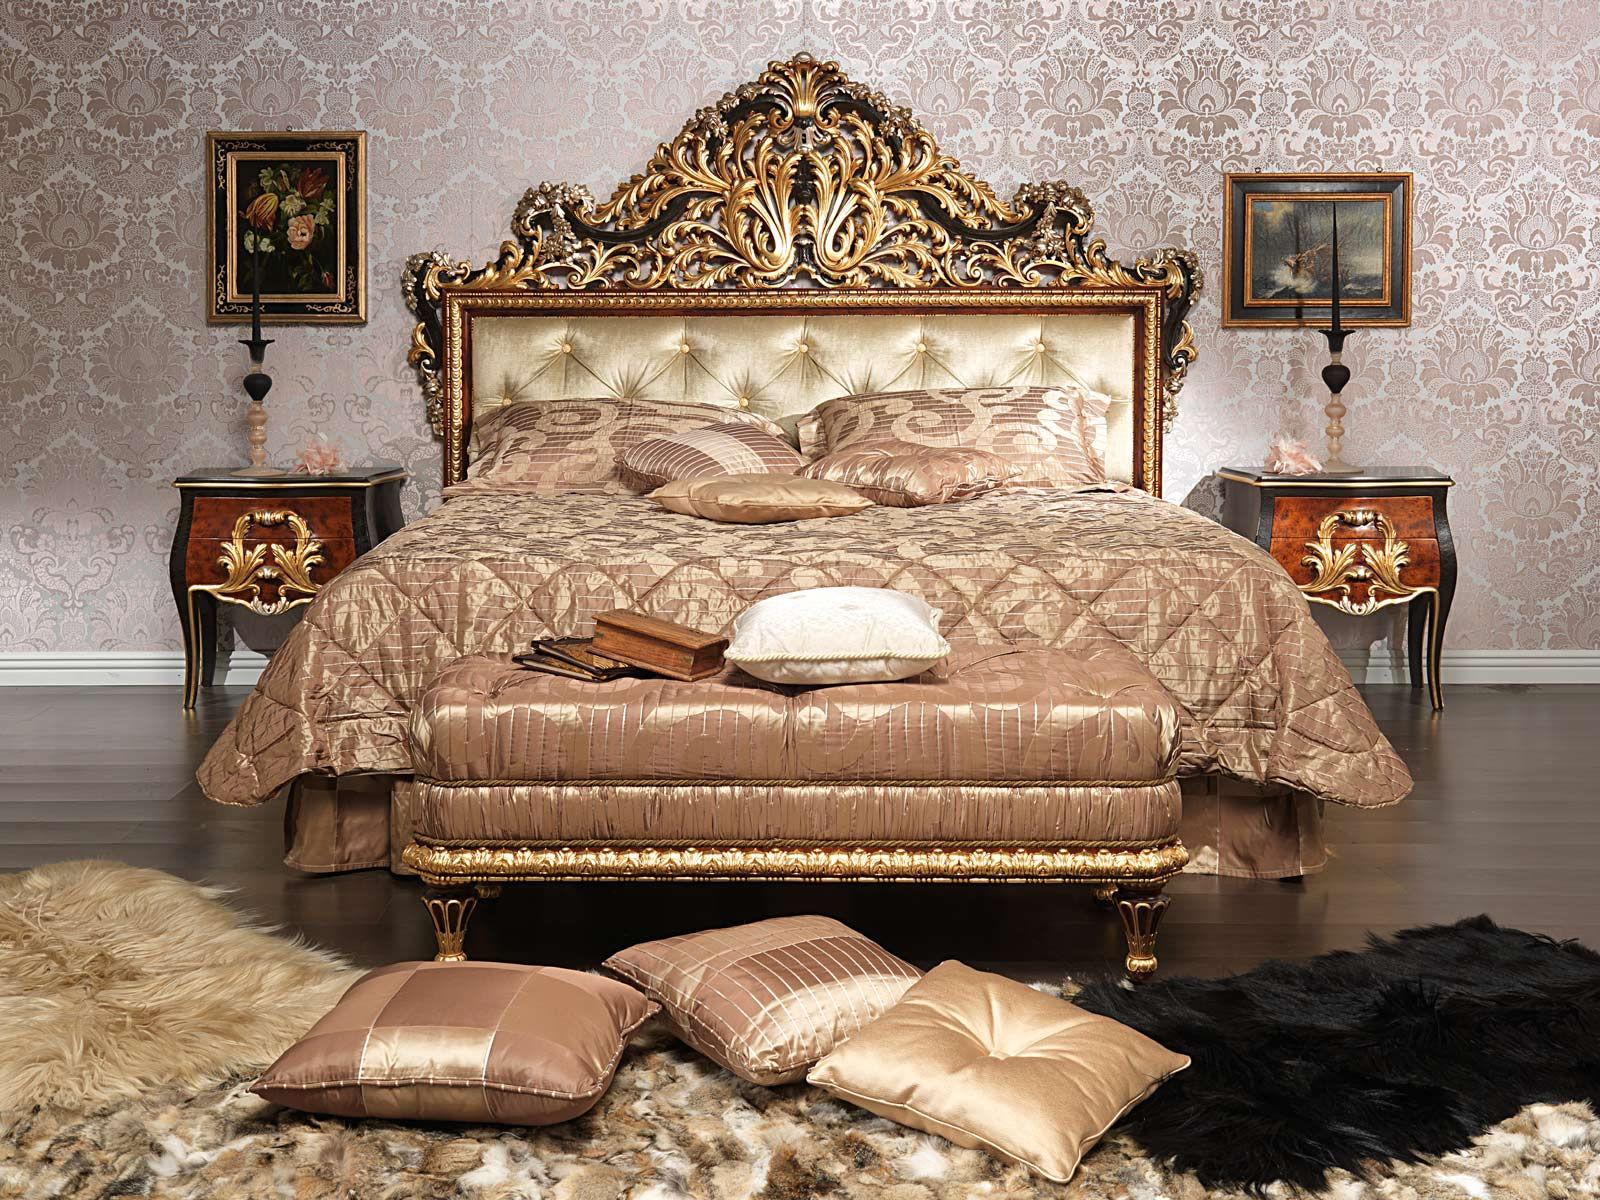 Для комнаты в стиле барокко выбирайте шелк и атлас с золотым узором, а также тяжелые меховые ковры